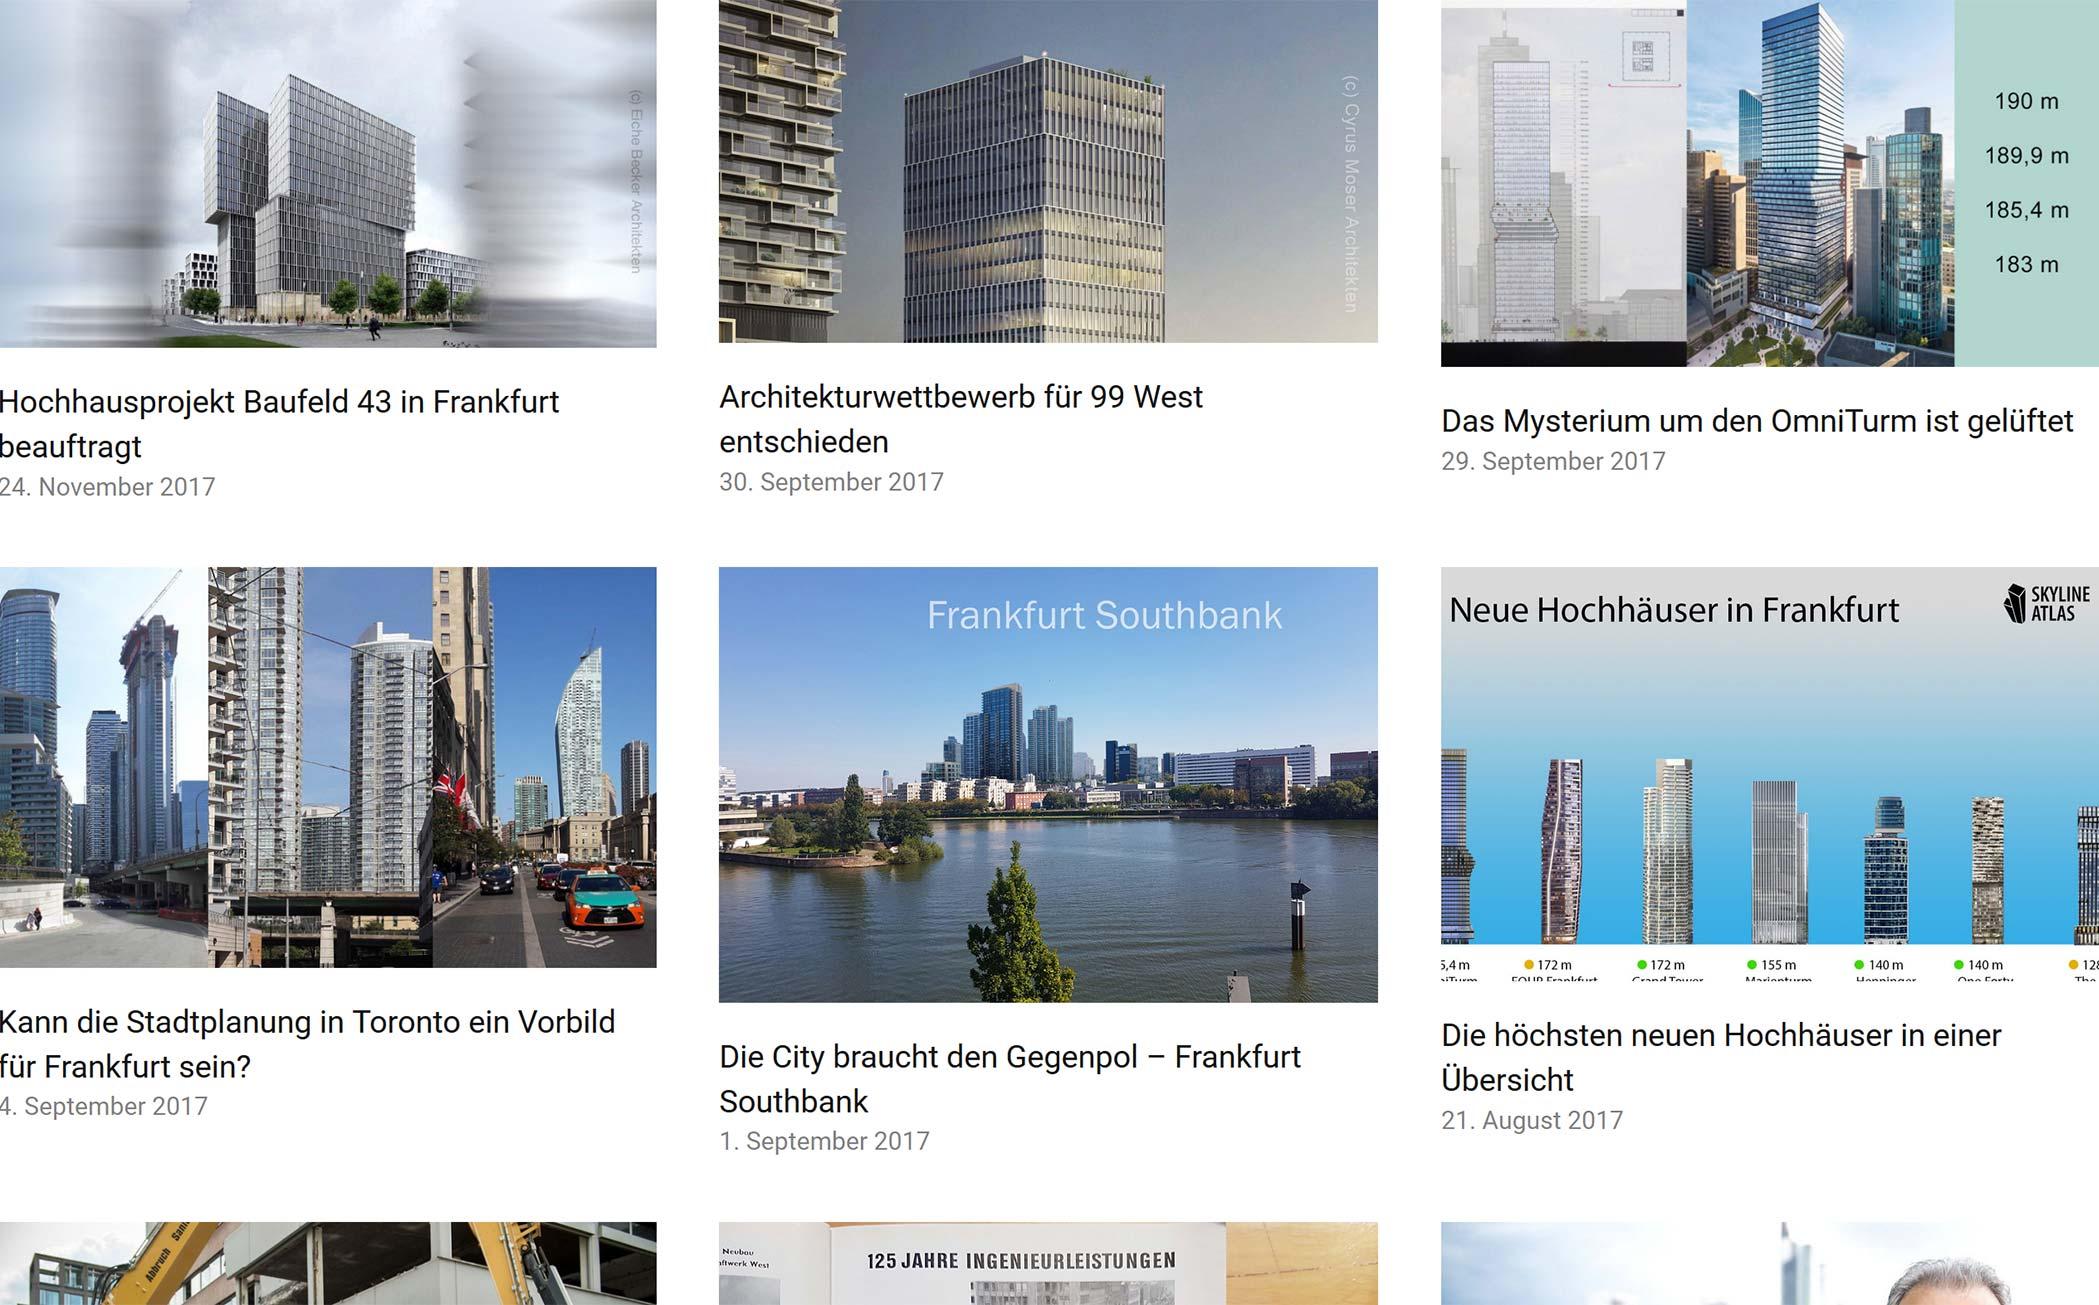 Frankfurt Immobilien Nachrichten - Skyline News Frankfurt - Informationen über neue Bauvorhaben